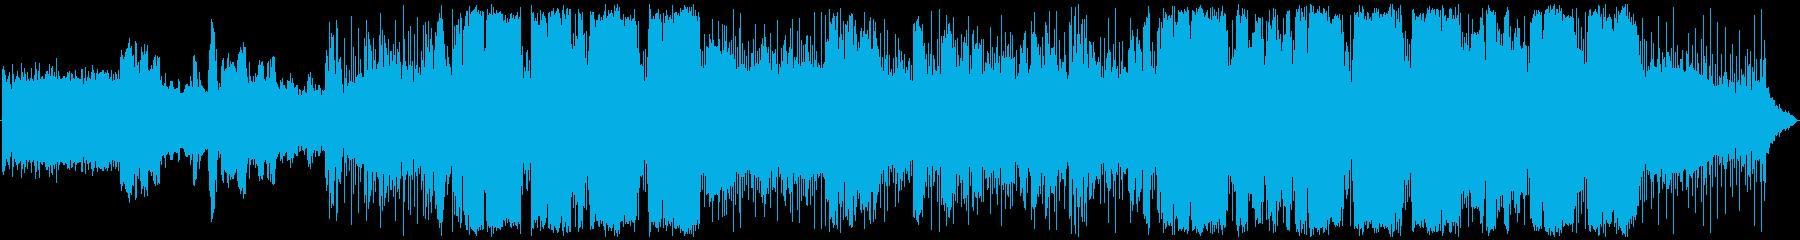 ニューミュージック風のロックバラードの再生済みの波形